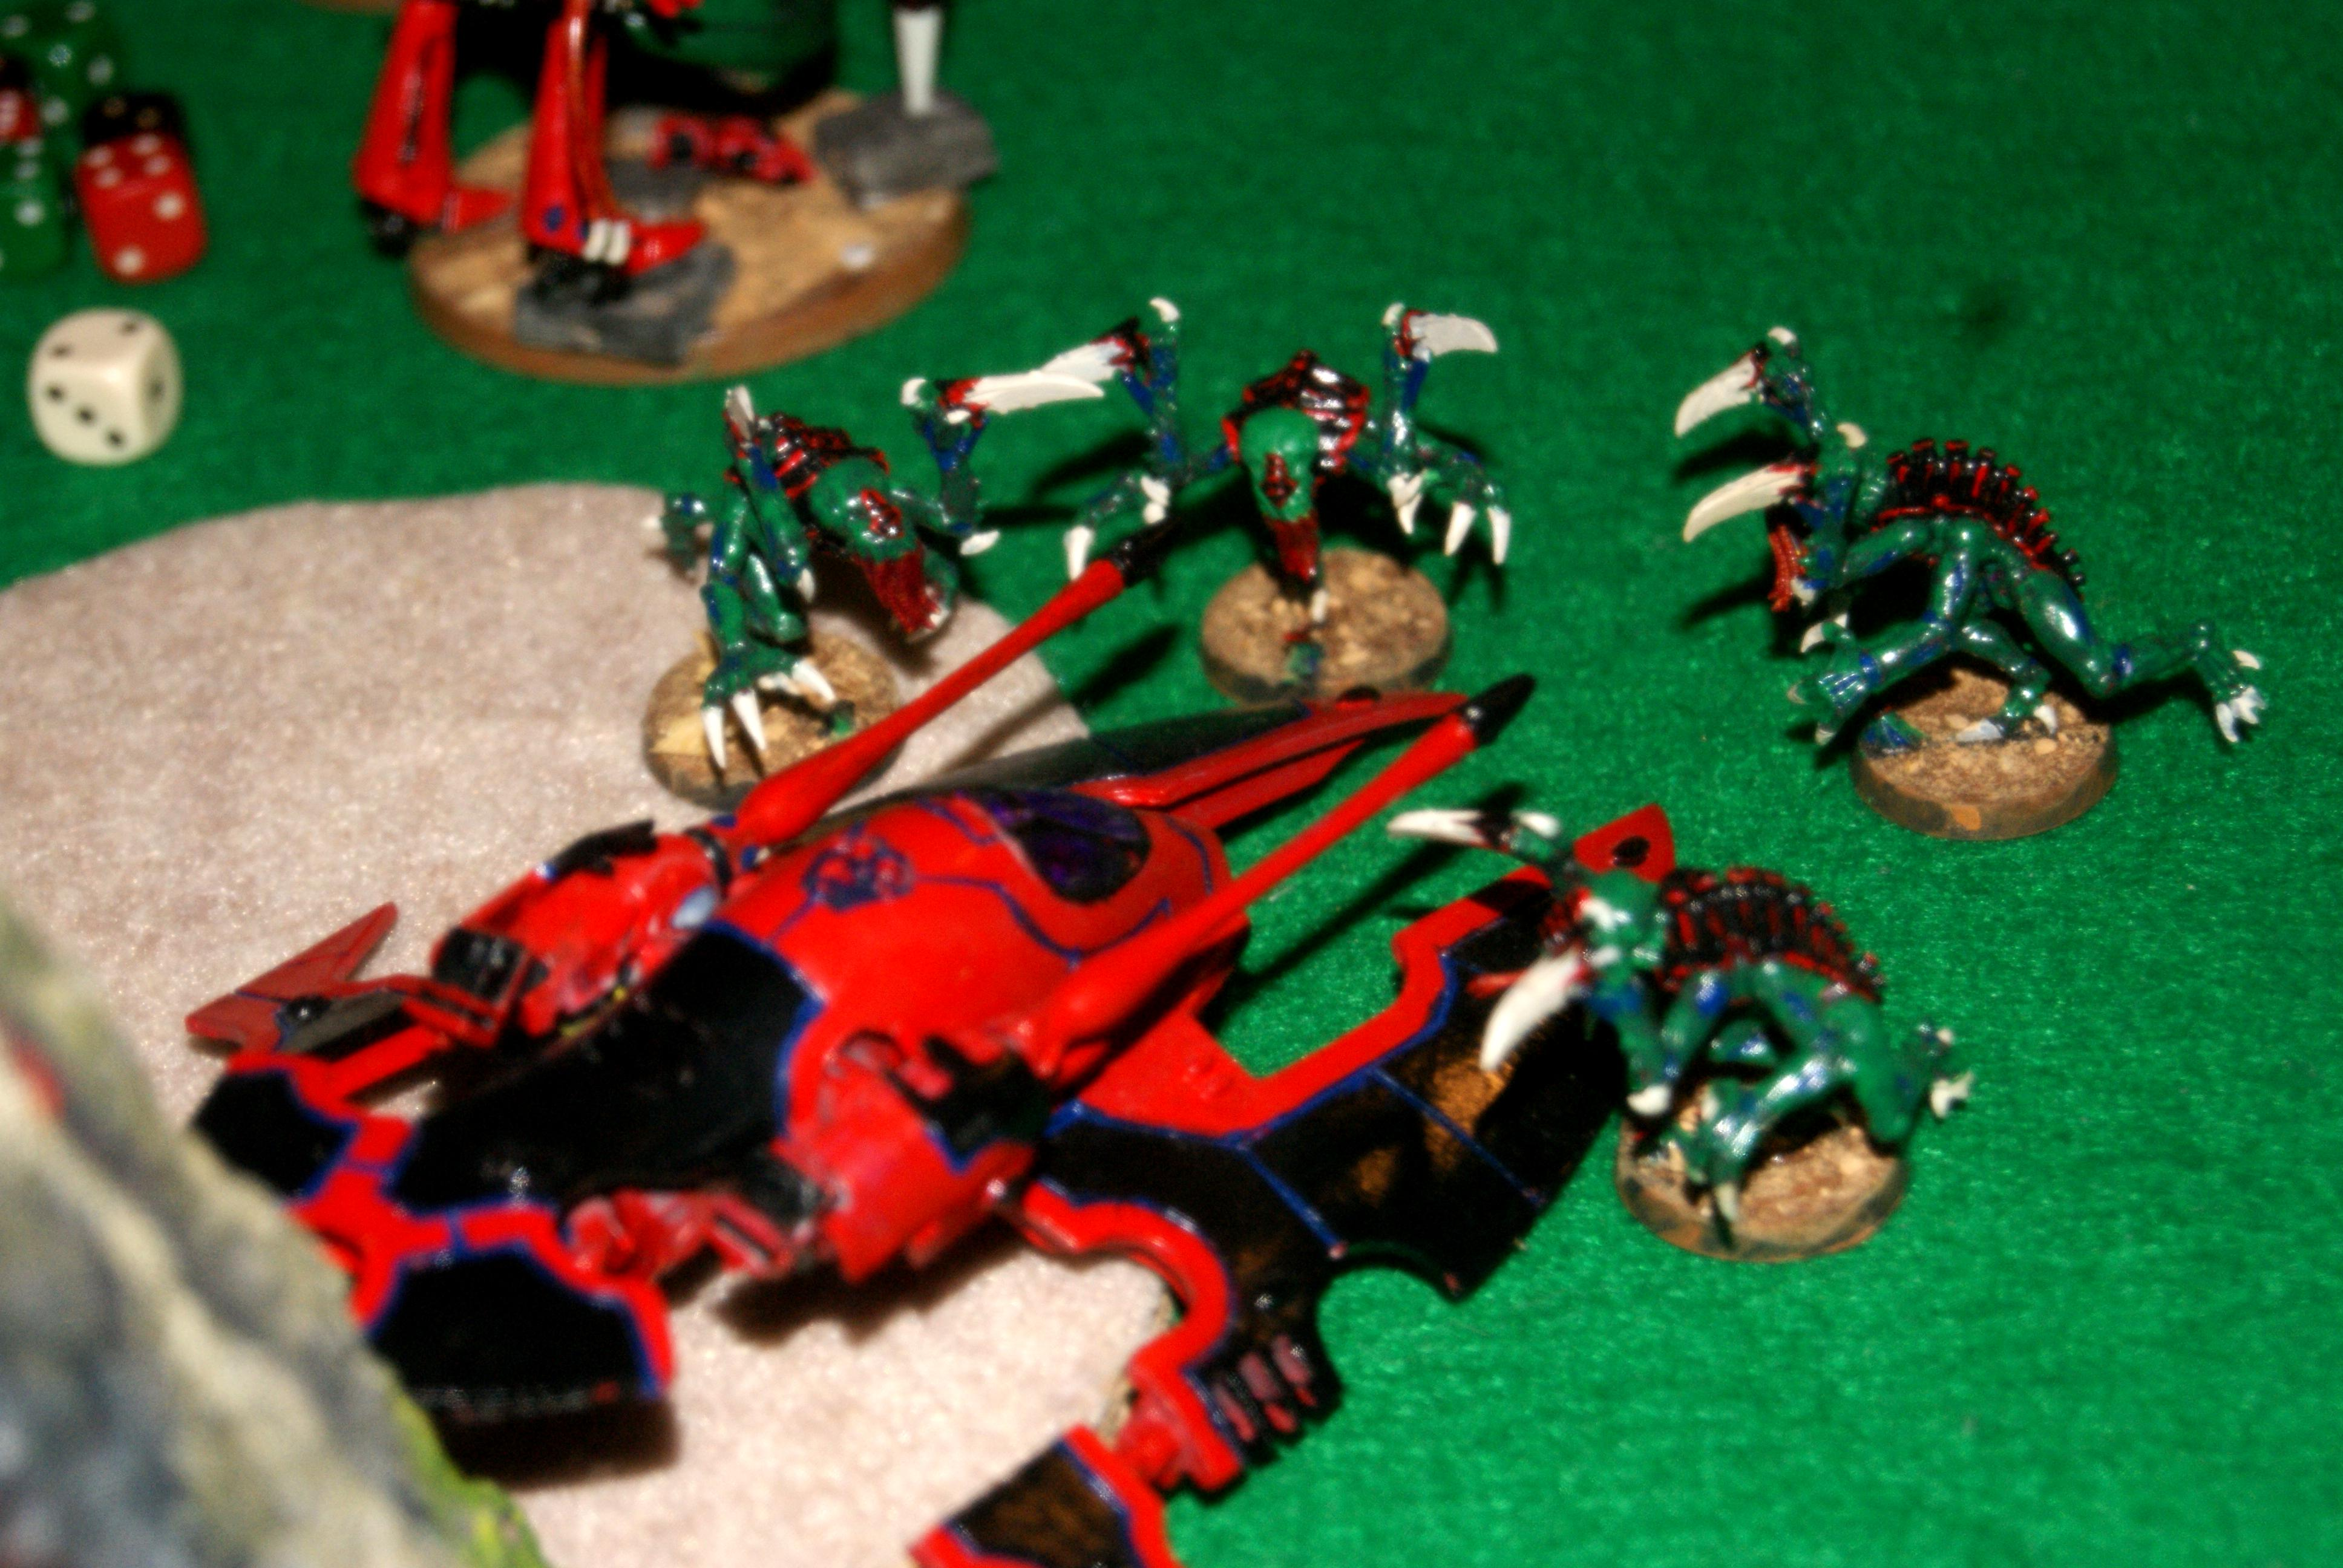 Hornet get's taken down